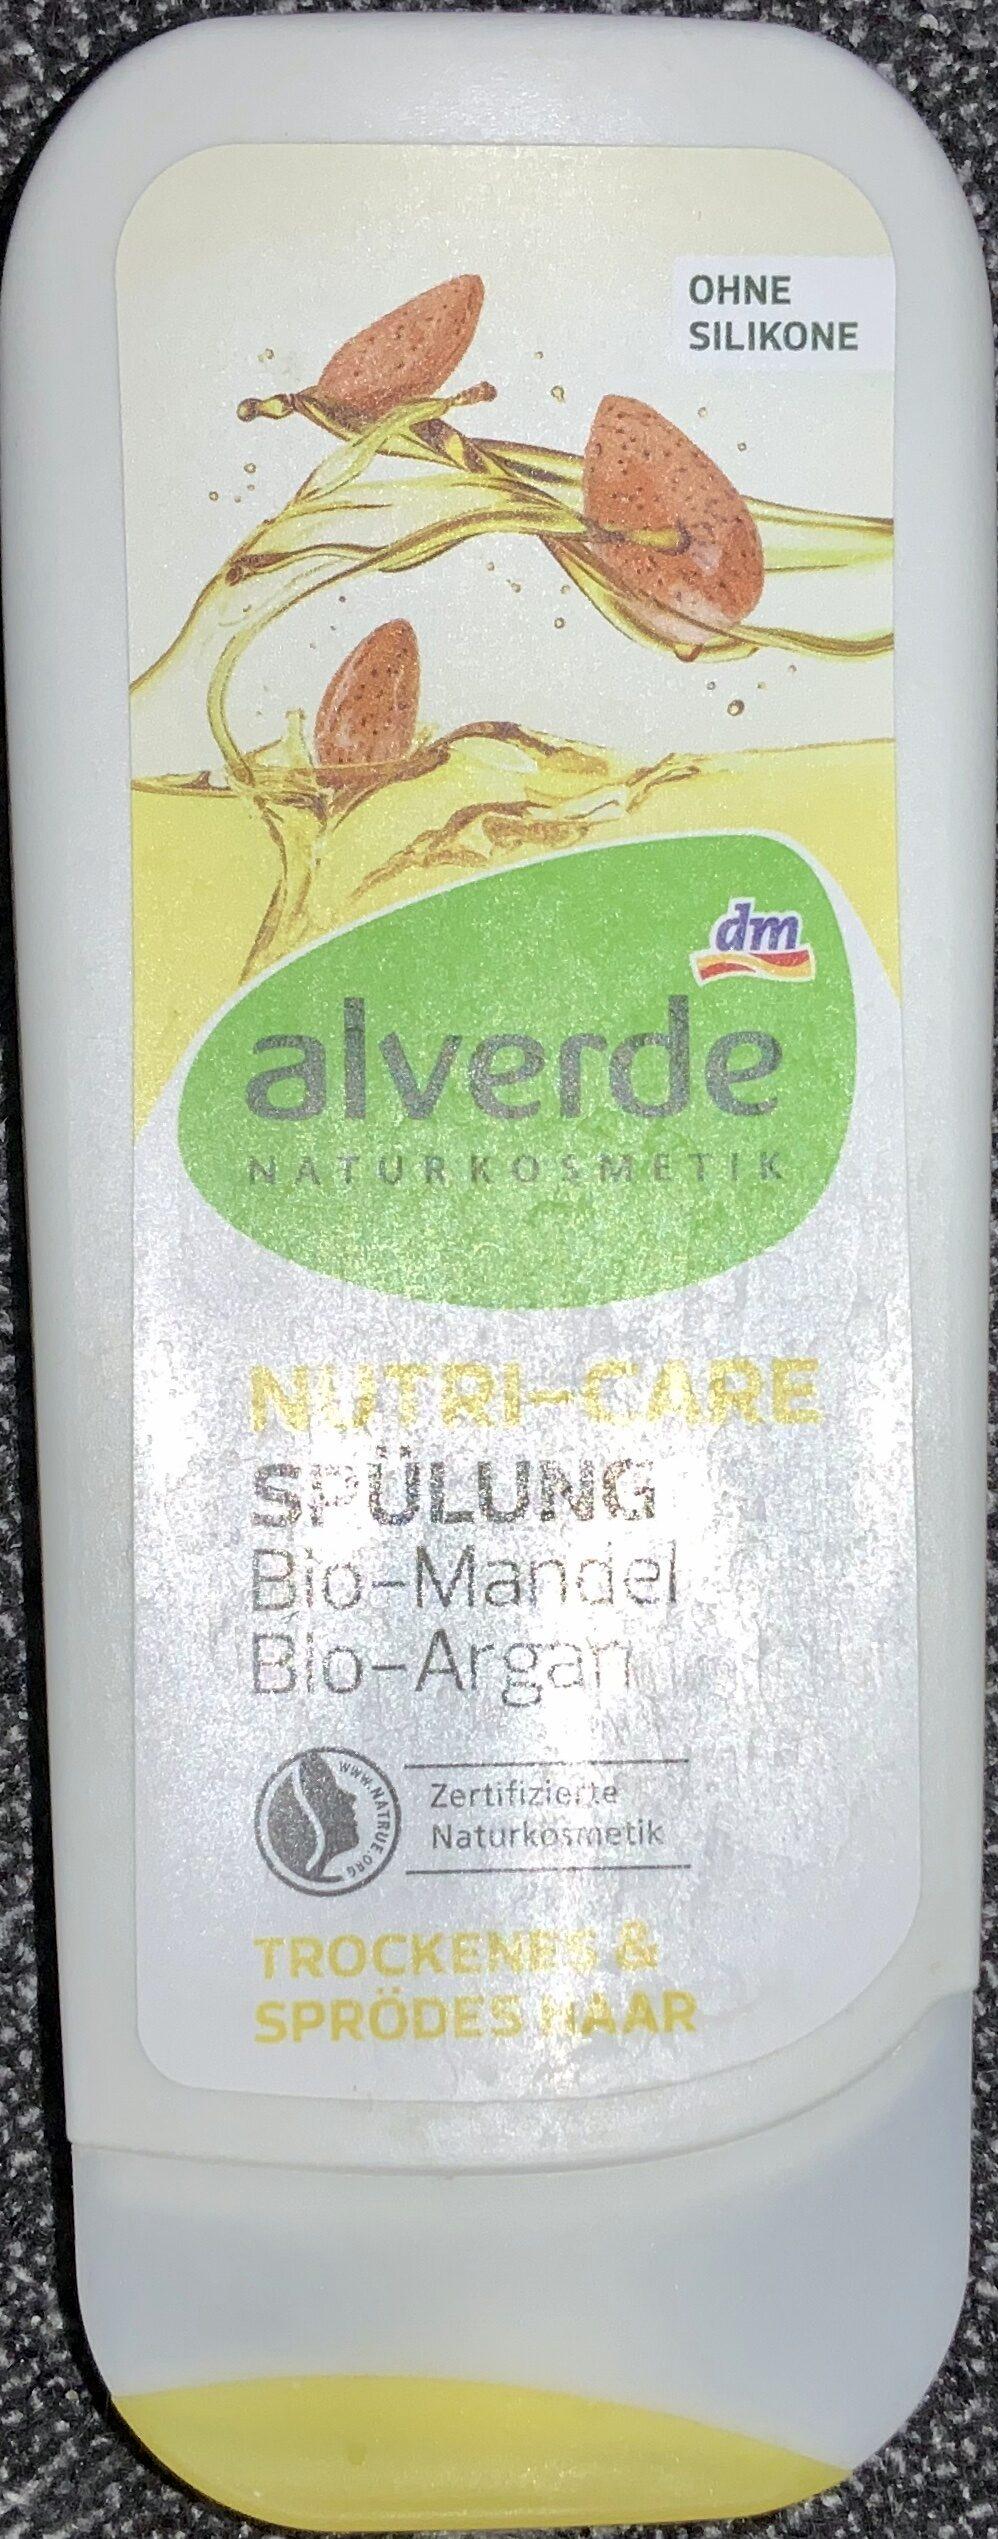 Nutri-Care Spülung Bio-Mandel Bio-Argan - Product - de